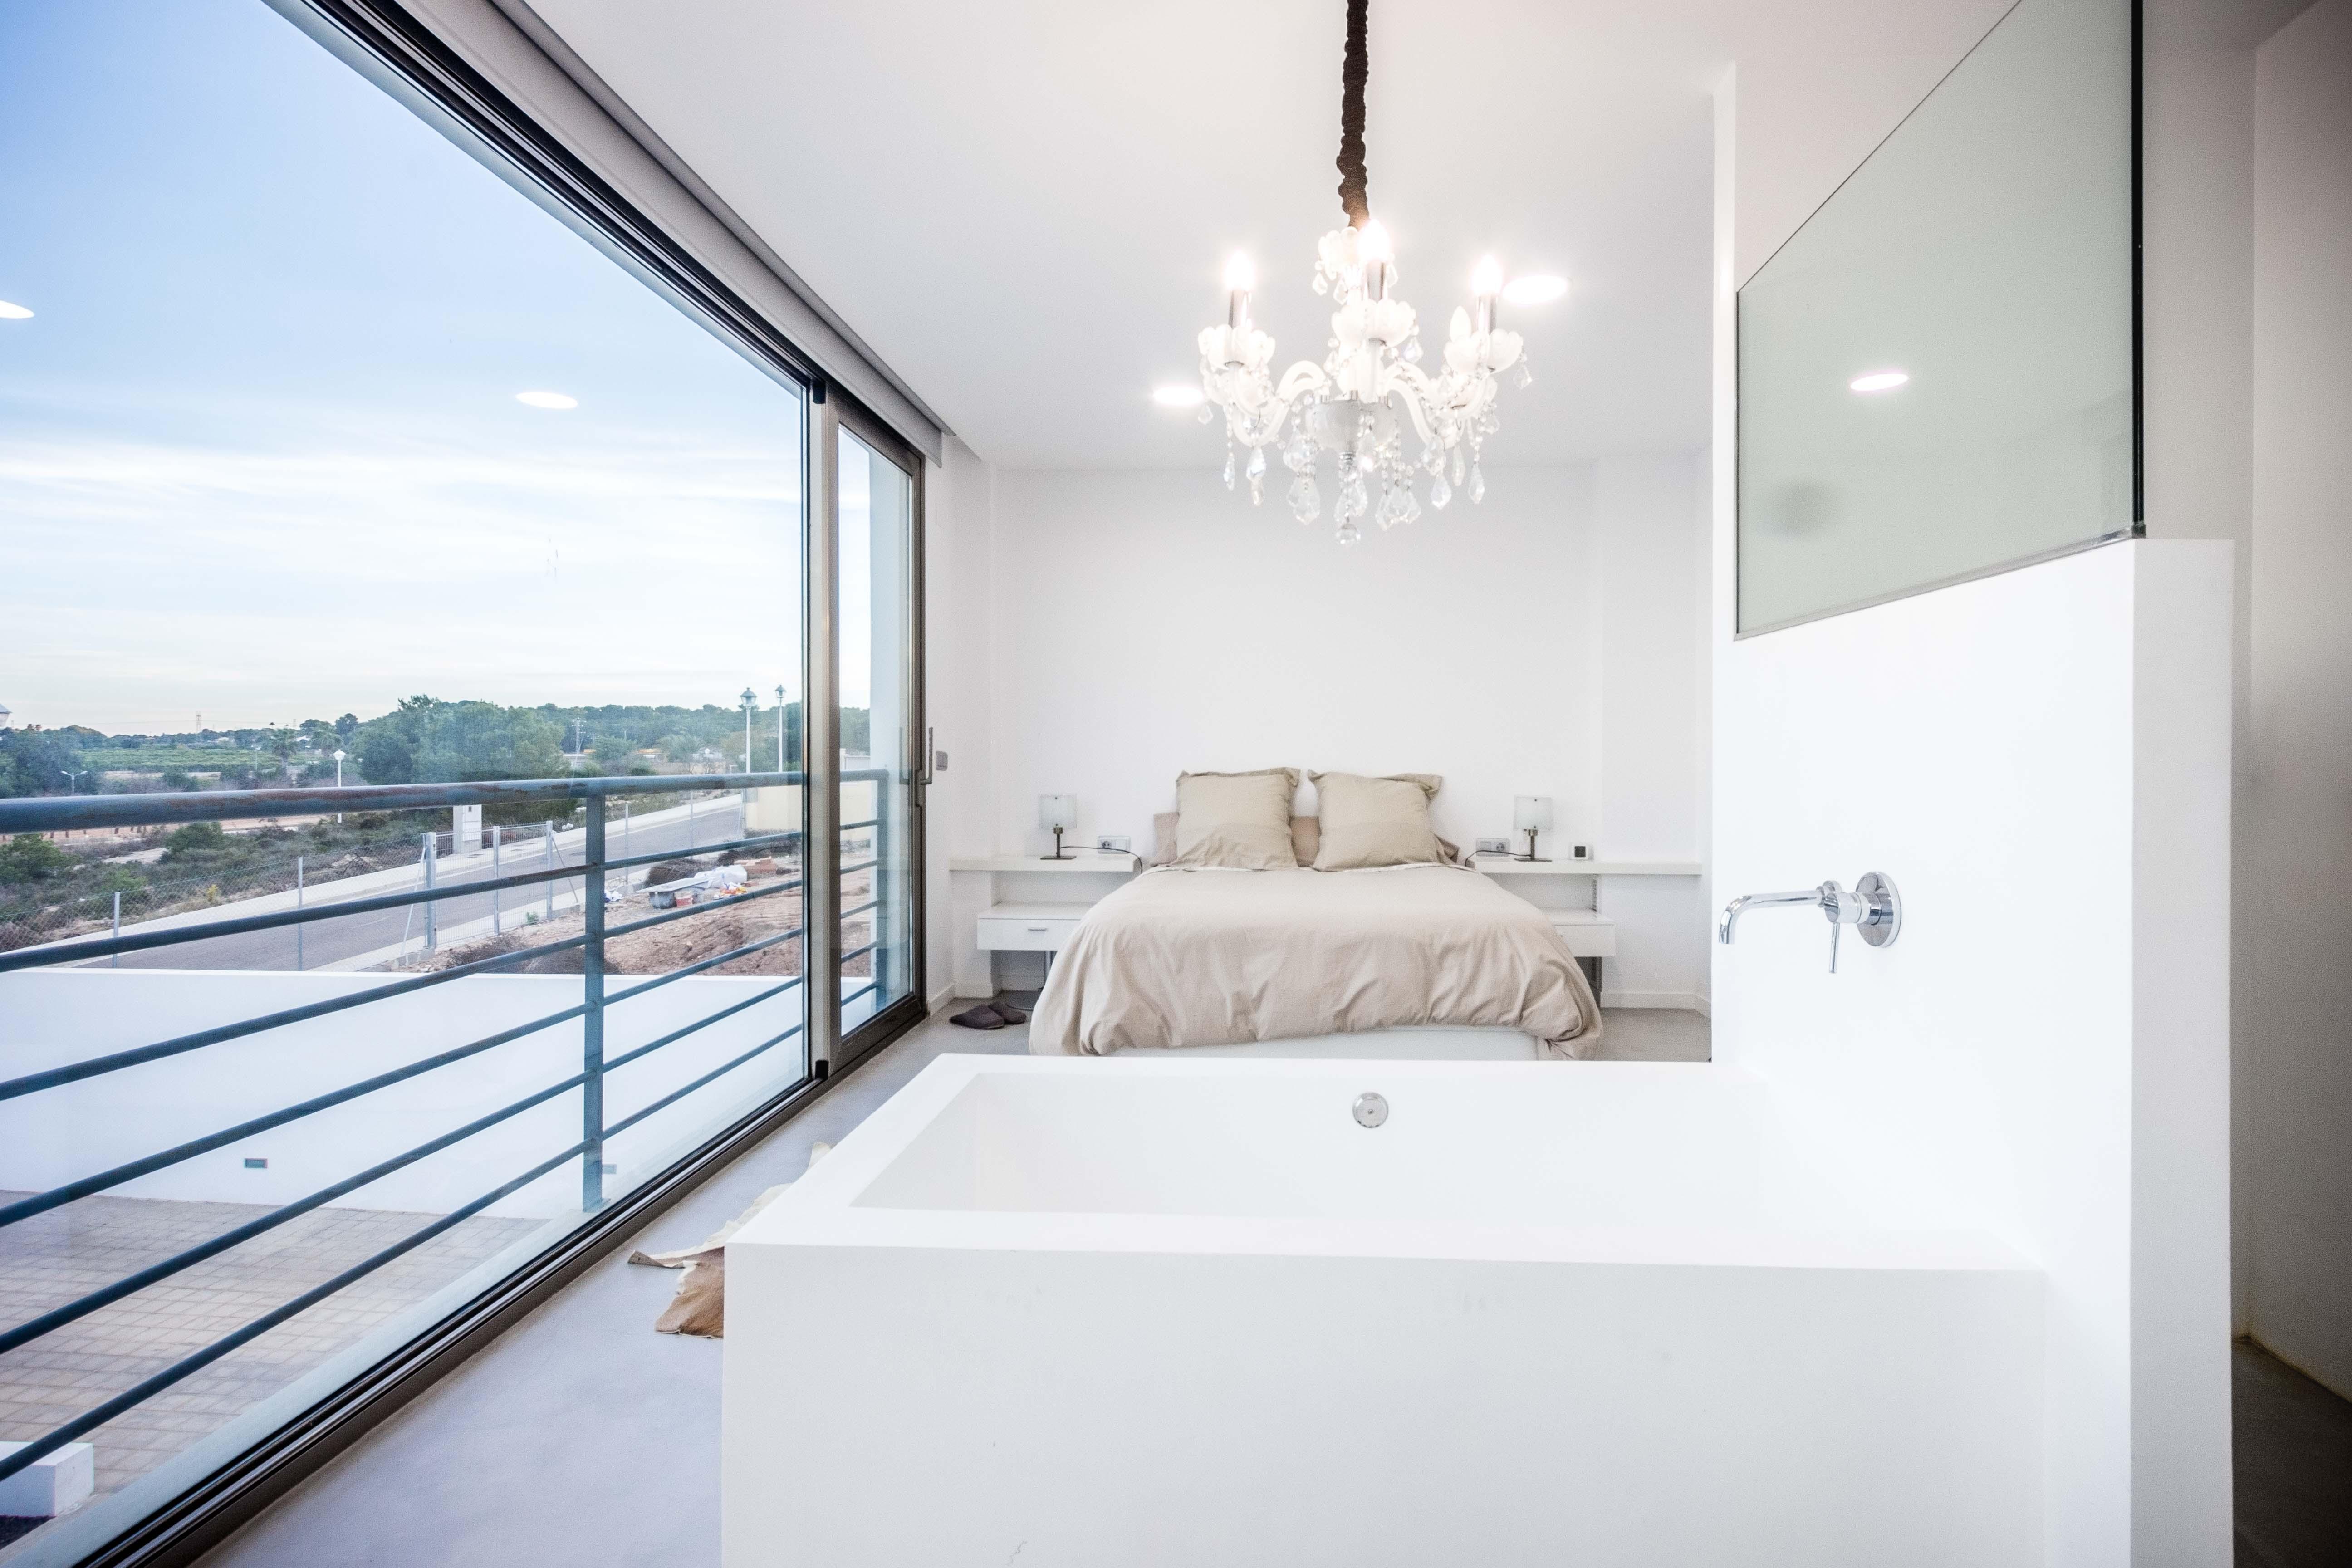 Bañera exenta de microcemento blanco en dormitorio en casa mediterranea. Chiralt arquitectos Valencia.